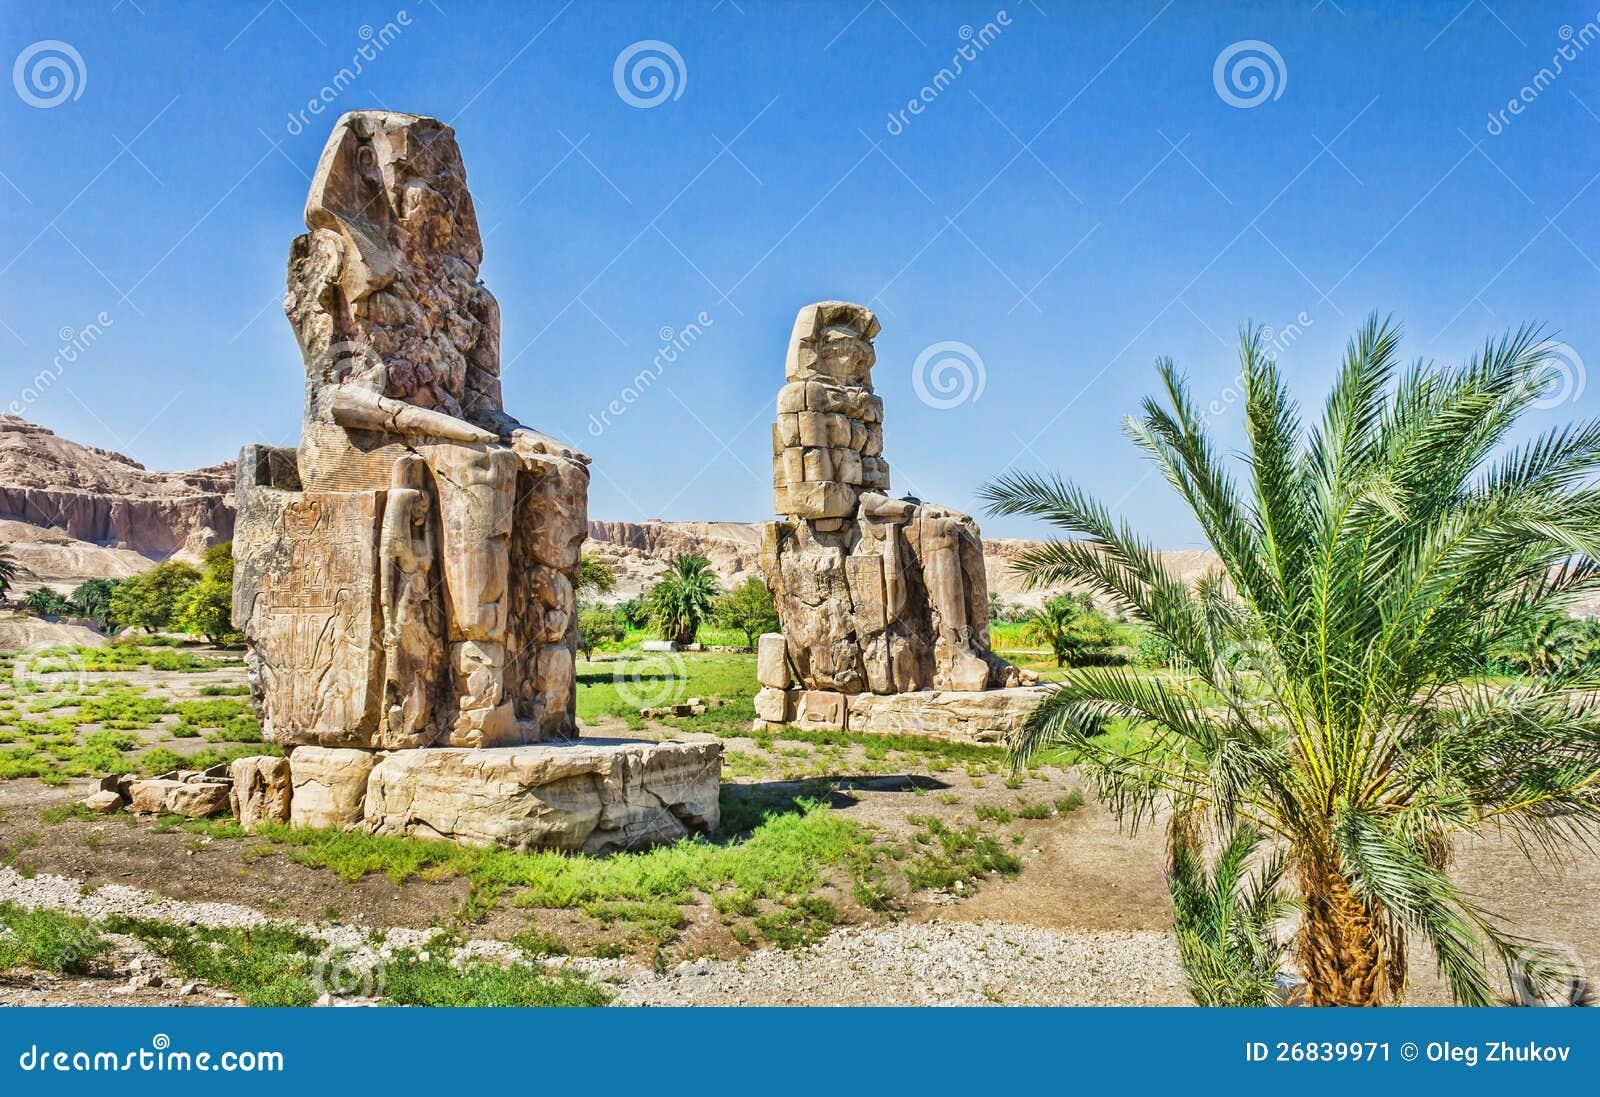 Luxor Private Tour